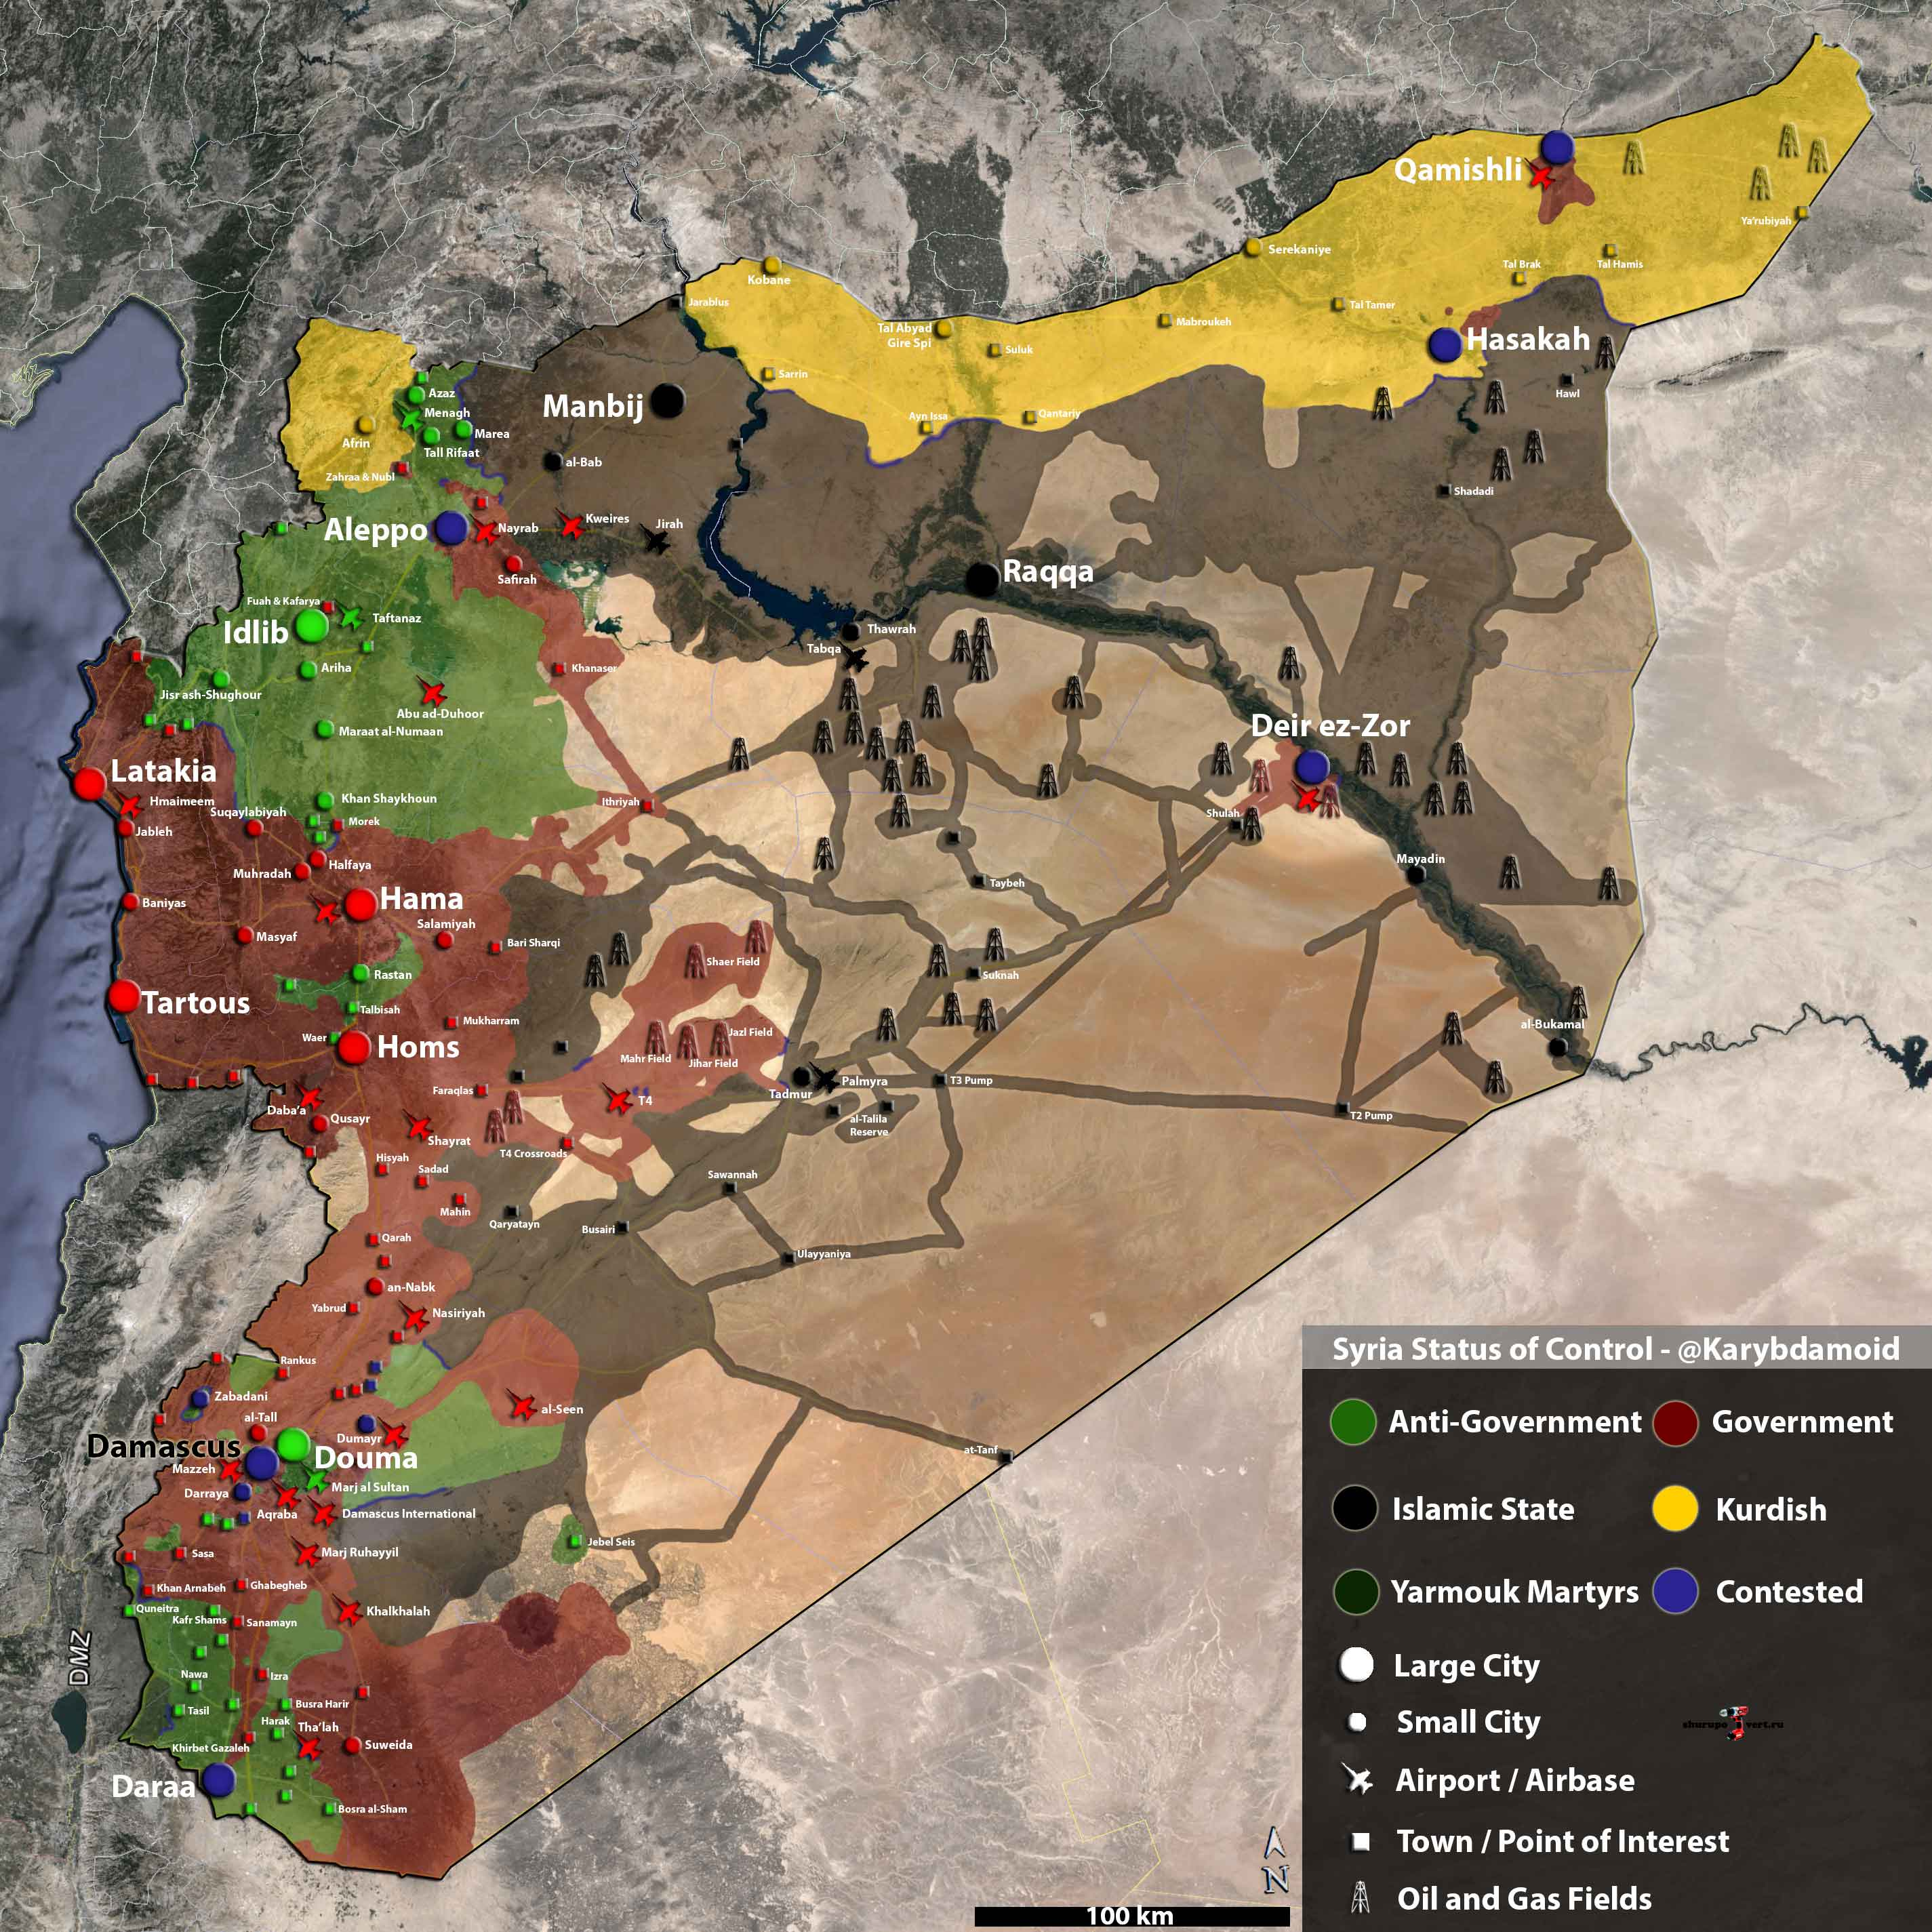 Подробна карта расположения сторон Сирийского конфликта по состоянию на 09.08.2015 года